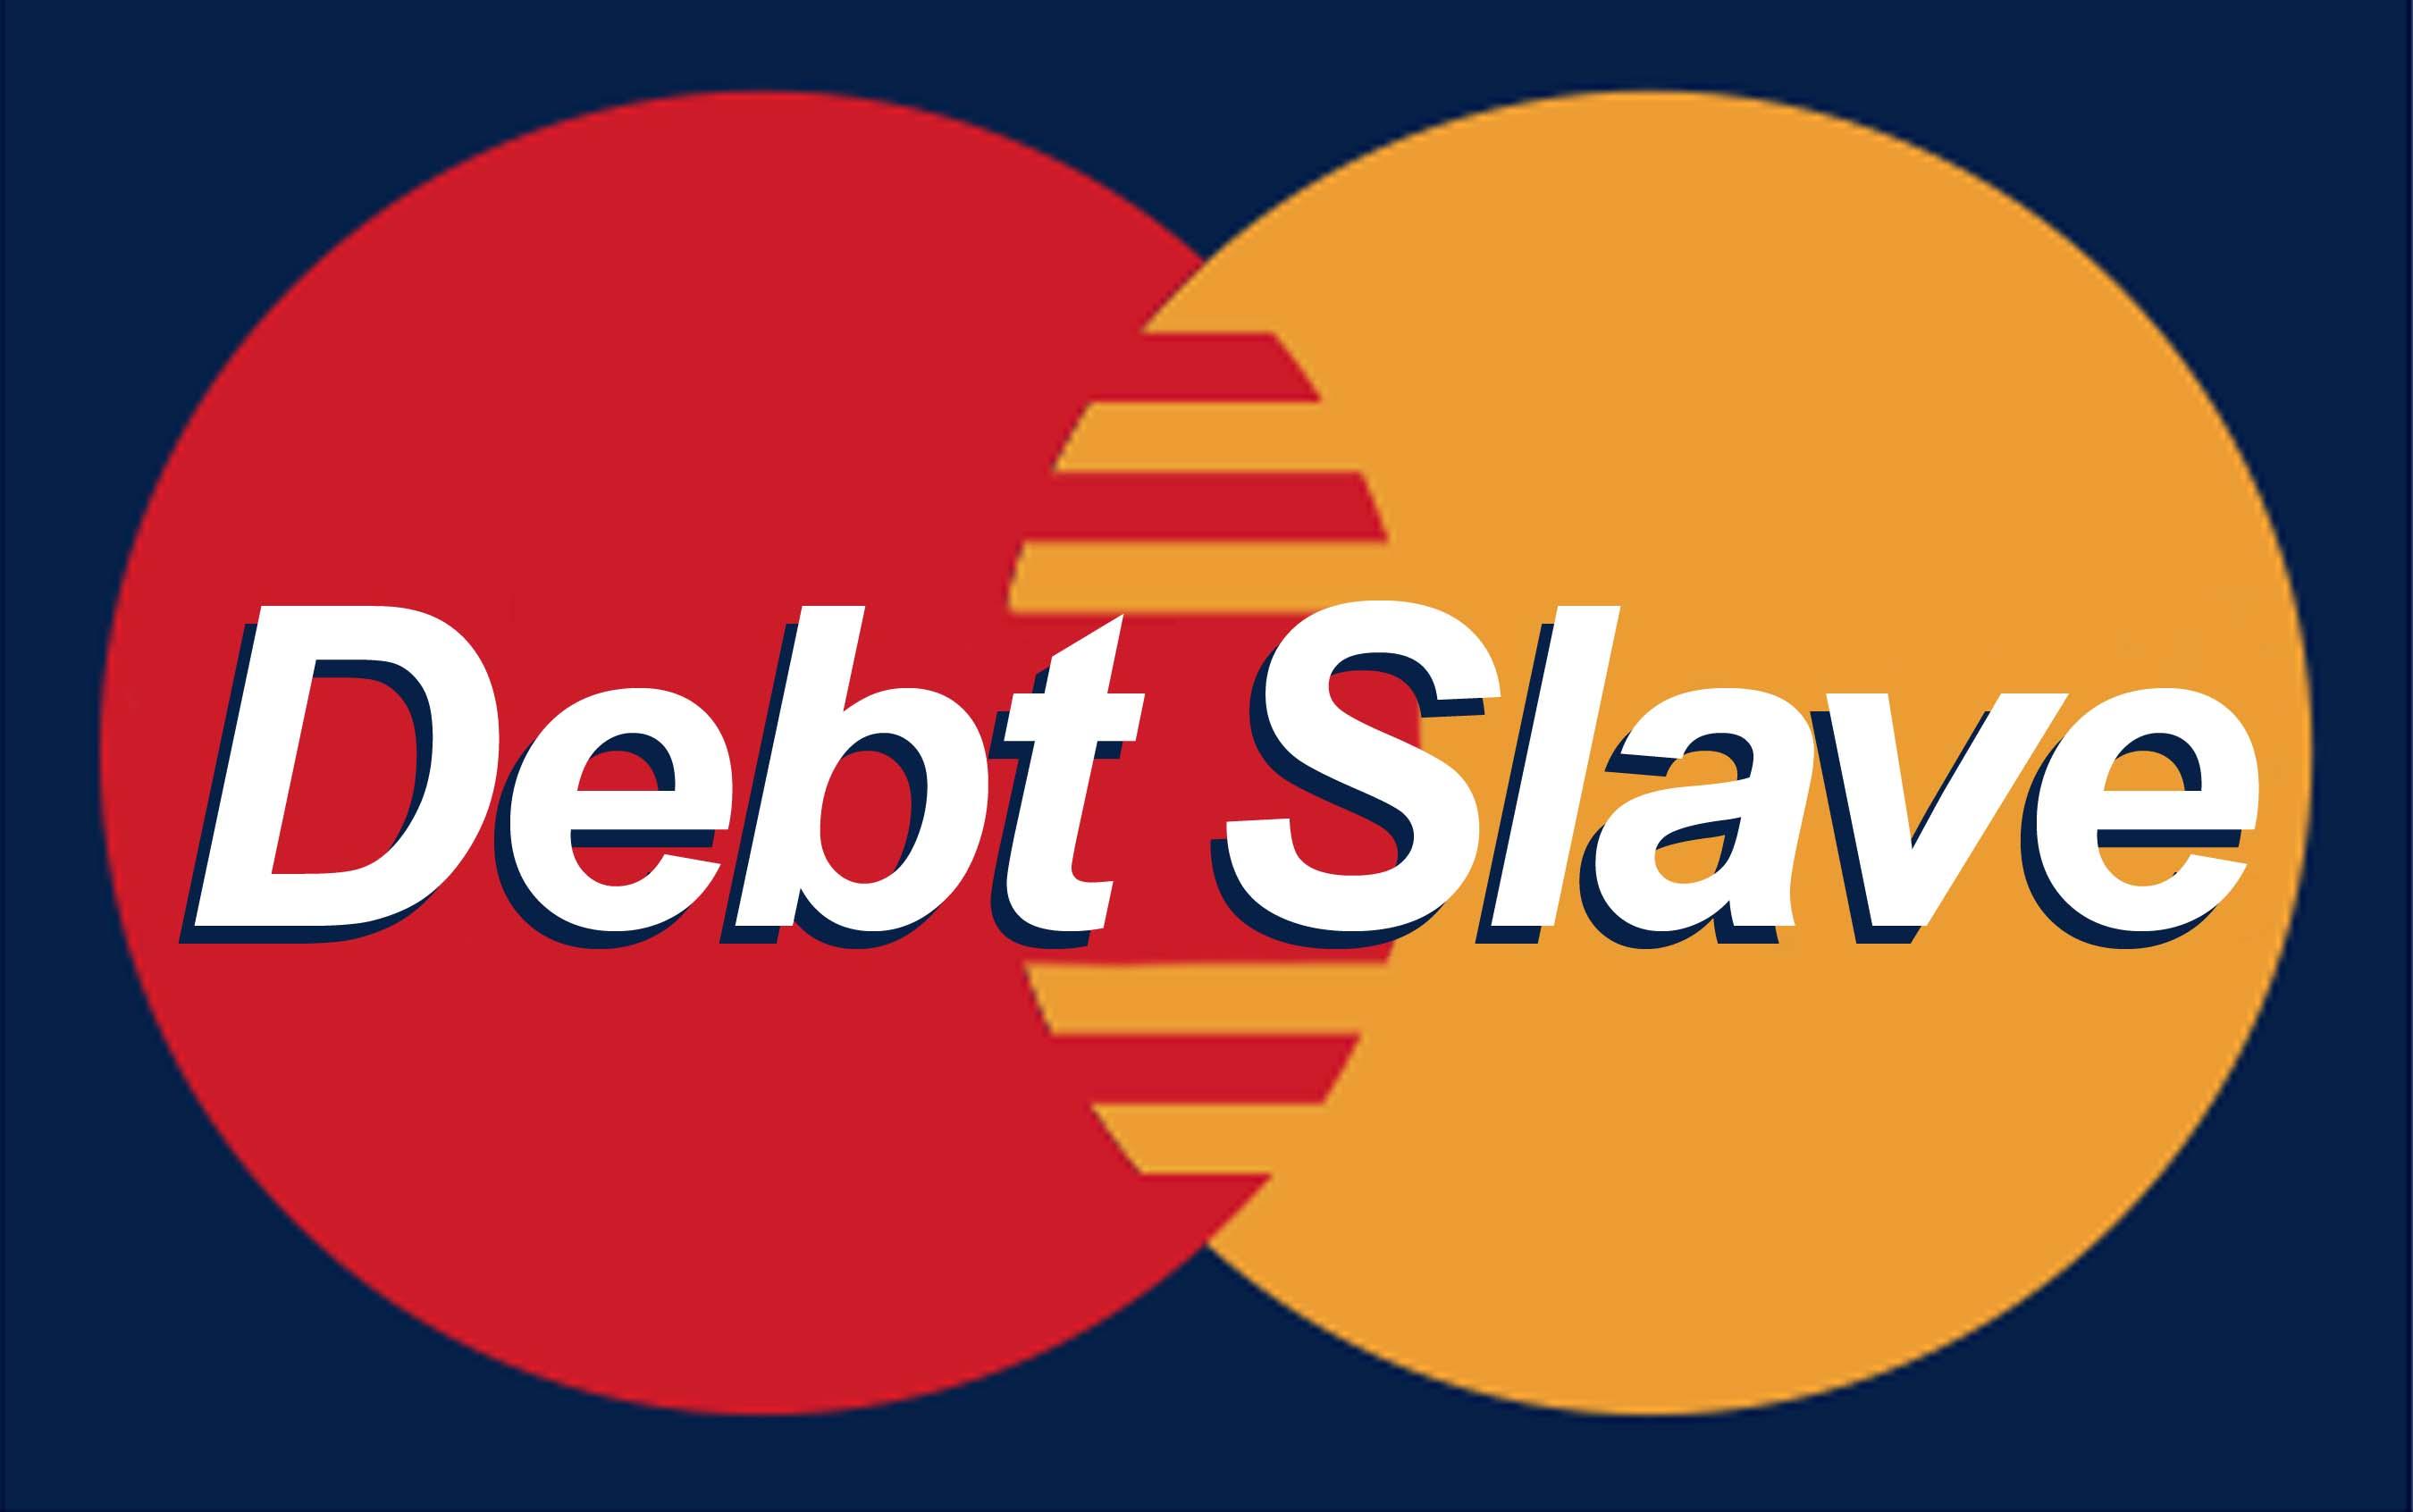 slave to debt